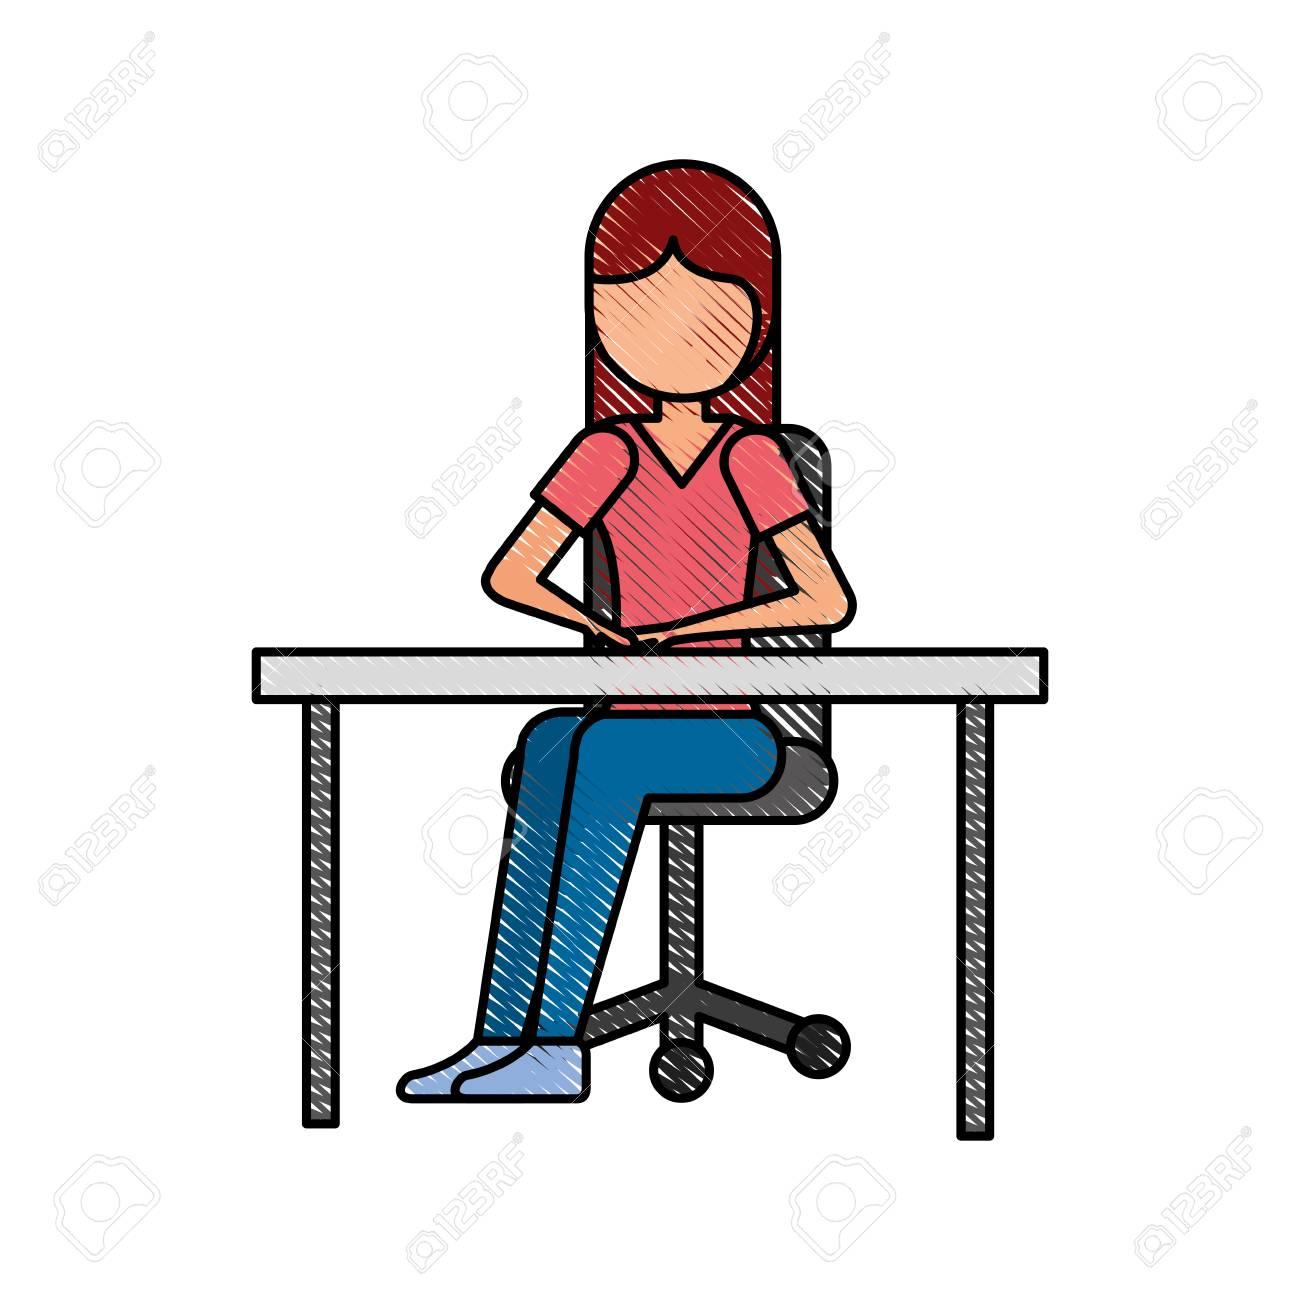 une fille de dessin anime assis sur une chaise avec illustration vectorielle de bureau